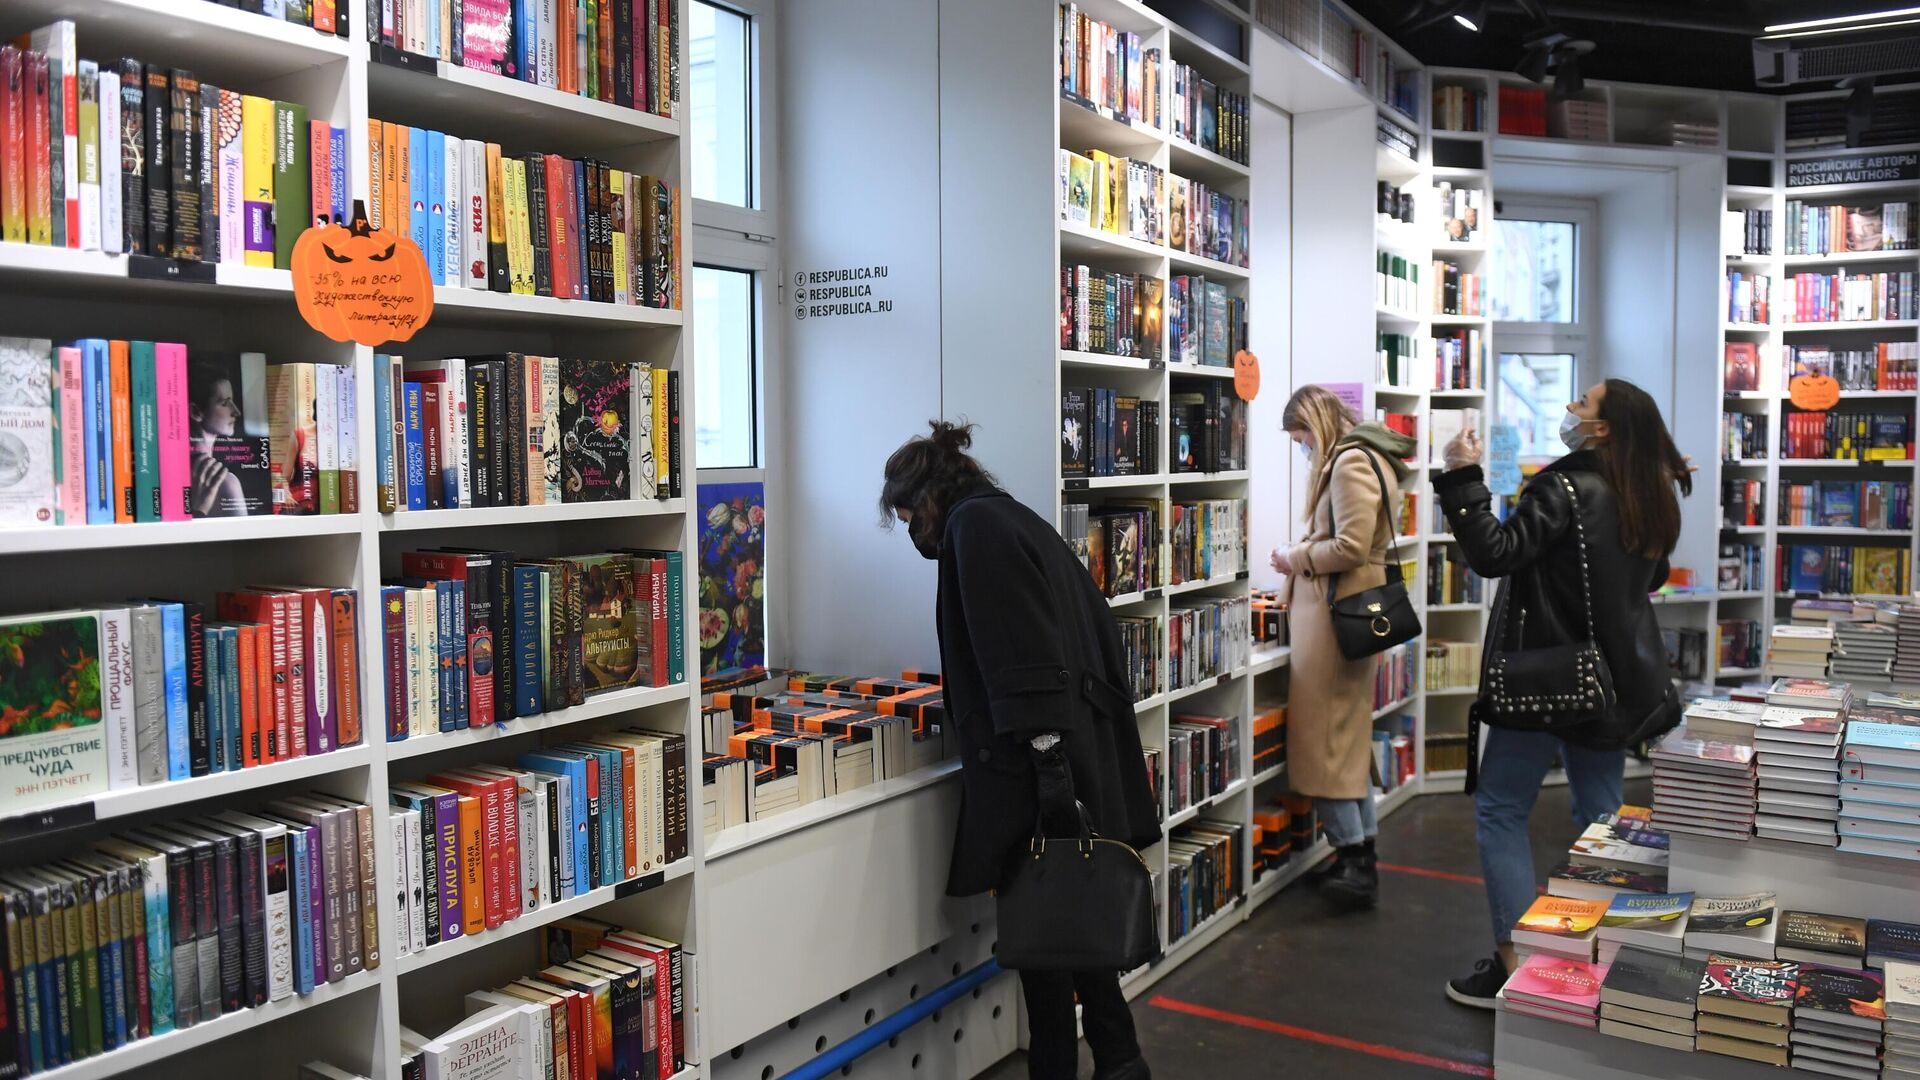 Сеть книжных магазинов Республика объявлена банкротом из-за пандемии коронавируса - РИА Новости, 1920, 19.04.2021